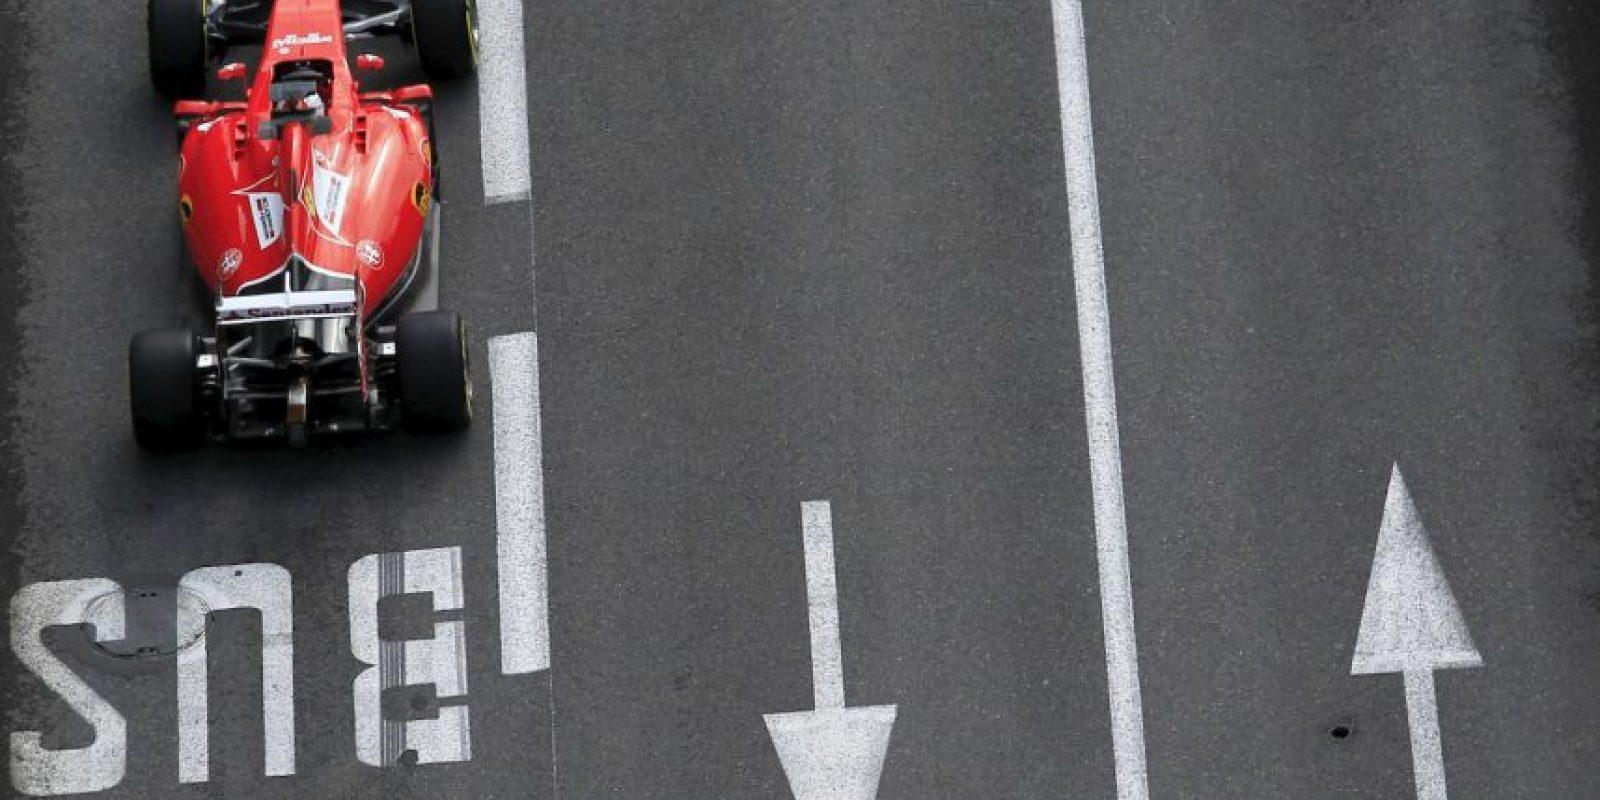 El piloto alemán Sebastian Vettel, de la escudería Ferrari. Foto:AFP